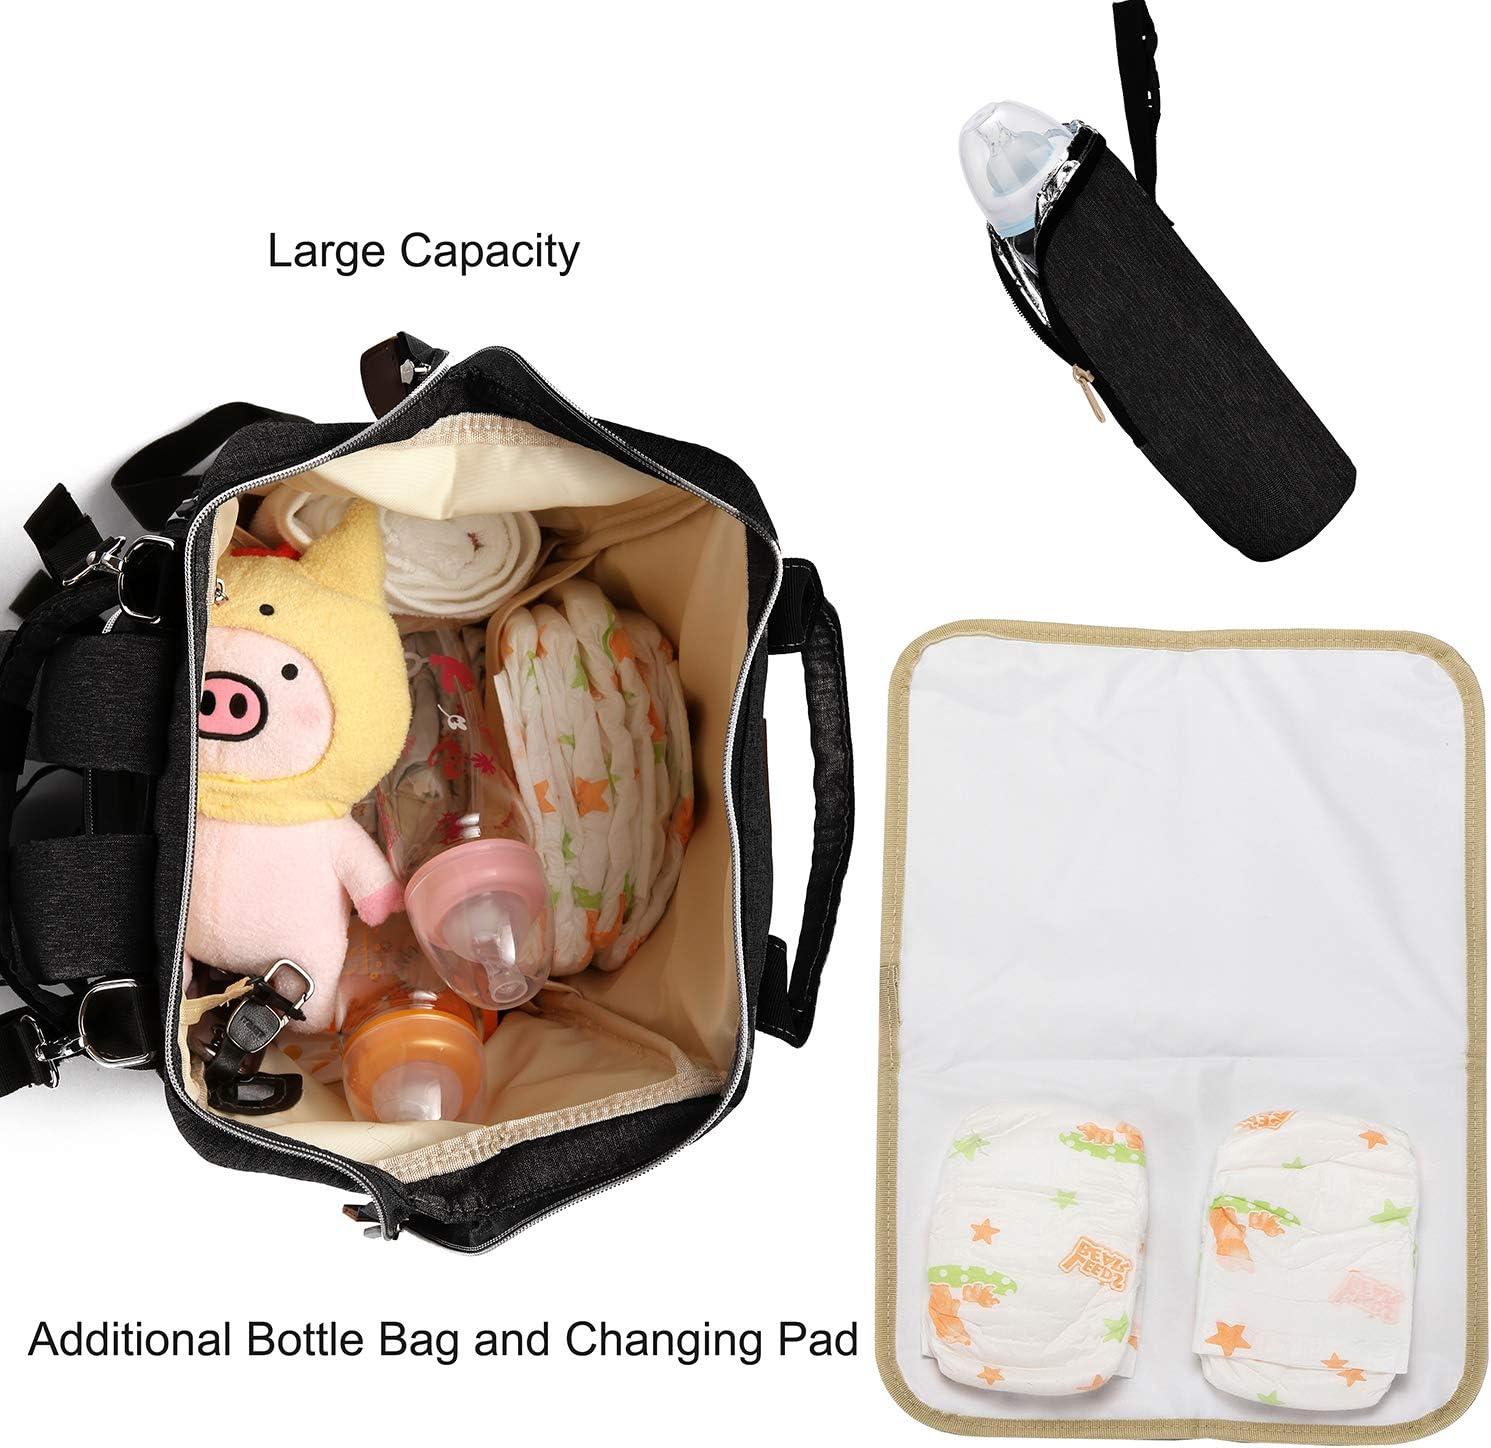 Hinwo Bolso cambiador para mam/á de maternidad con bolsillos impermeables y con puerto USB aislados para el cuidado del beb/é gran capacidad negro negro